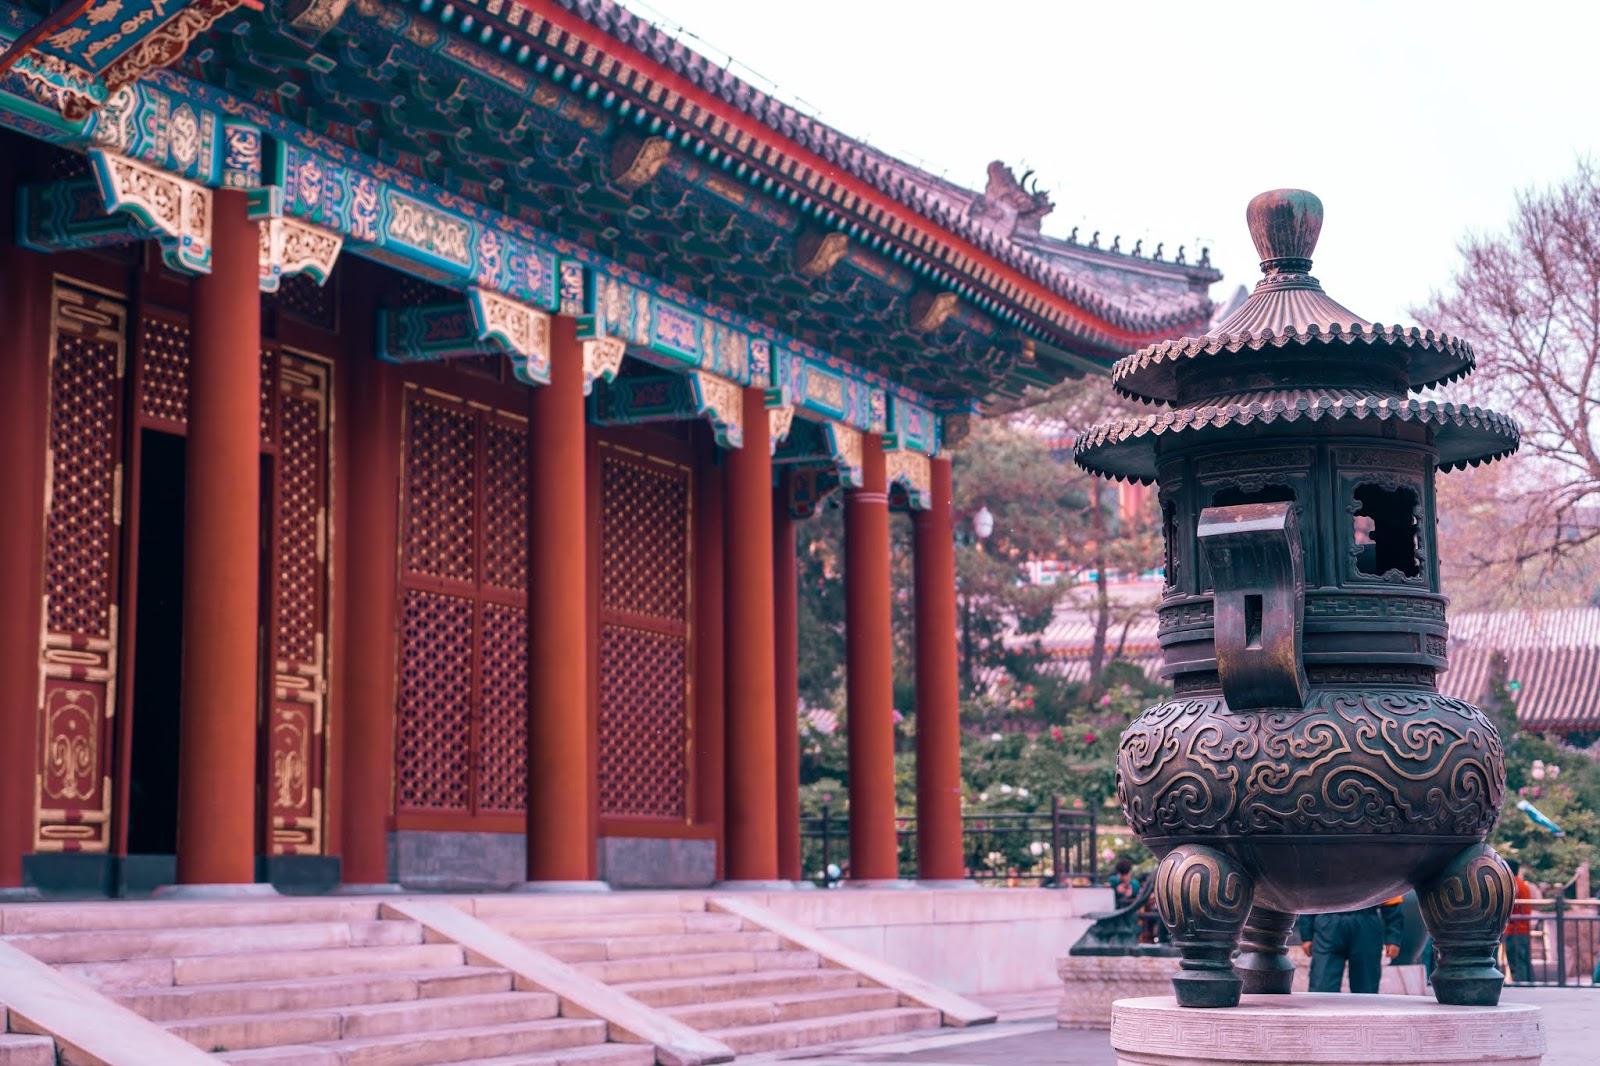 palais d'été - pékin - laquotidiennedele - blog voyage - chine